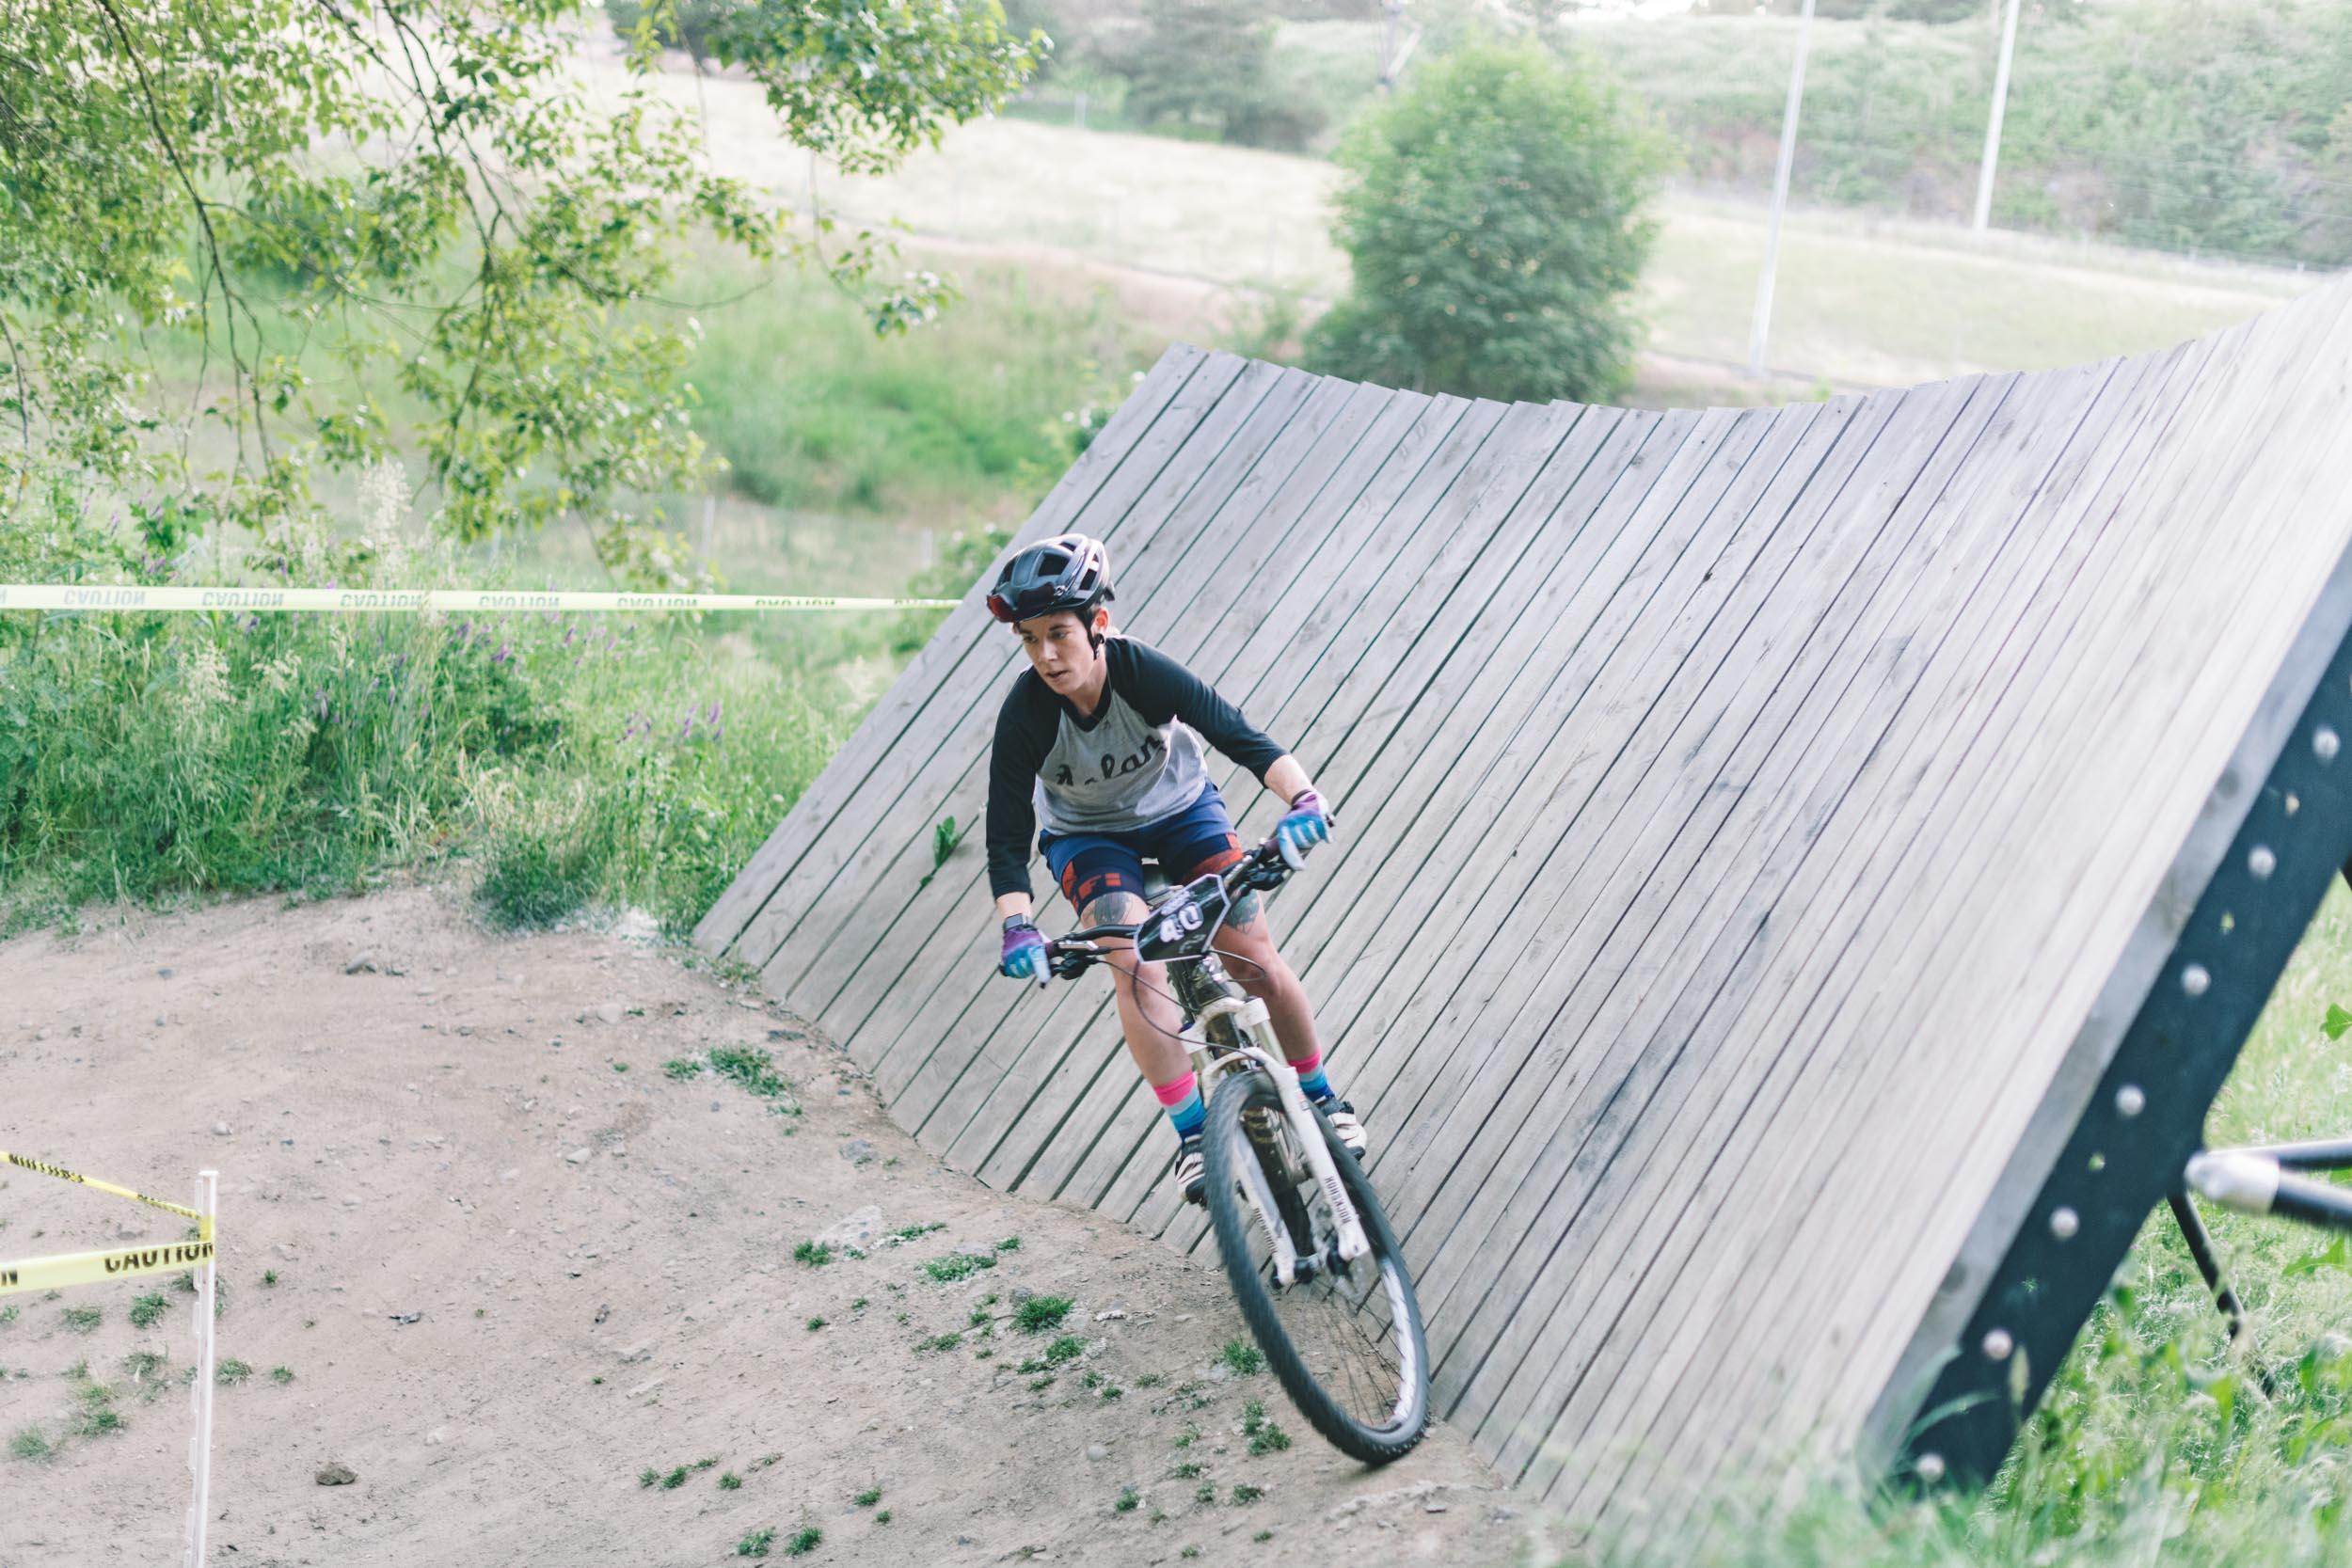 COBRA_Racing_Gateway_Miguel_Race_20.jpg